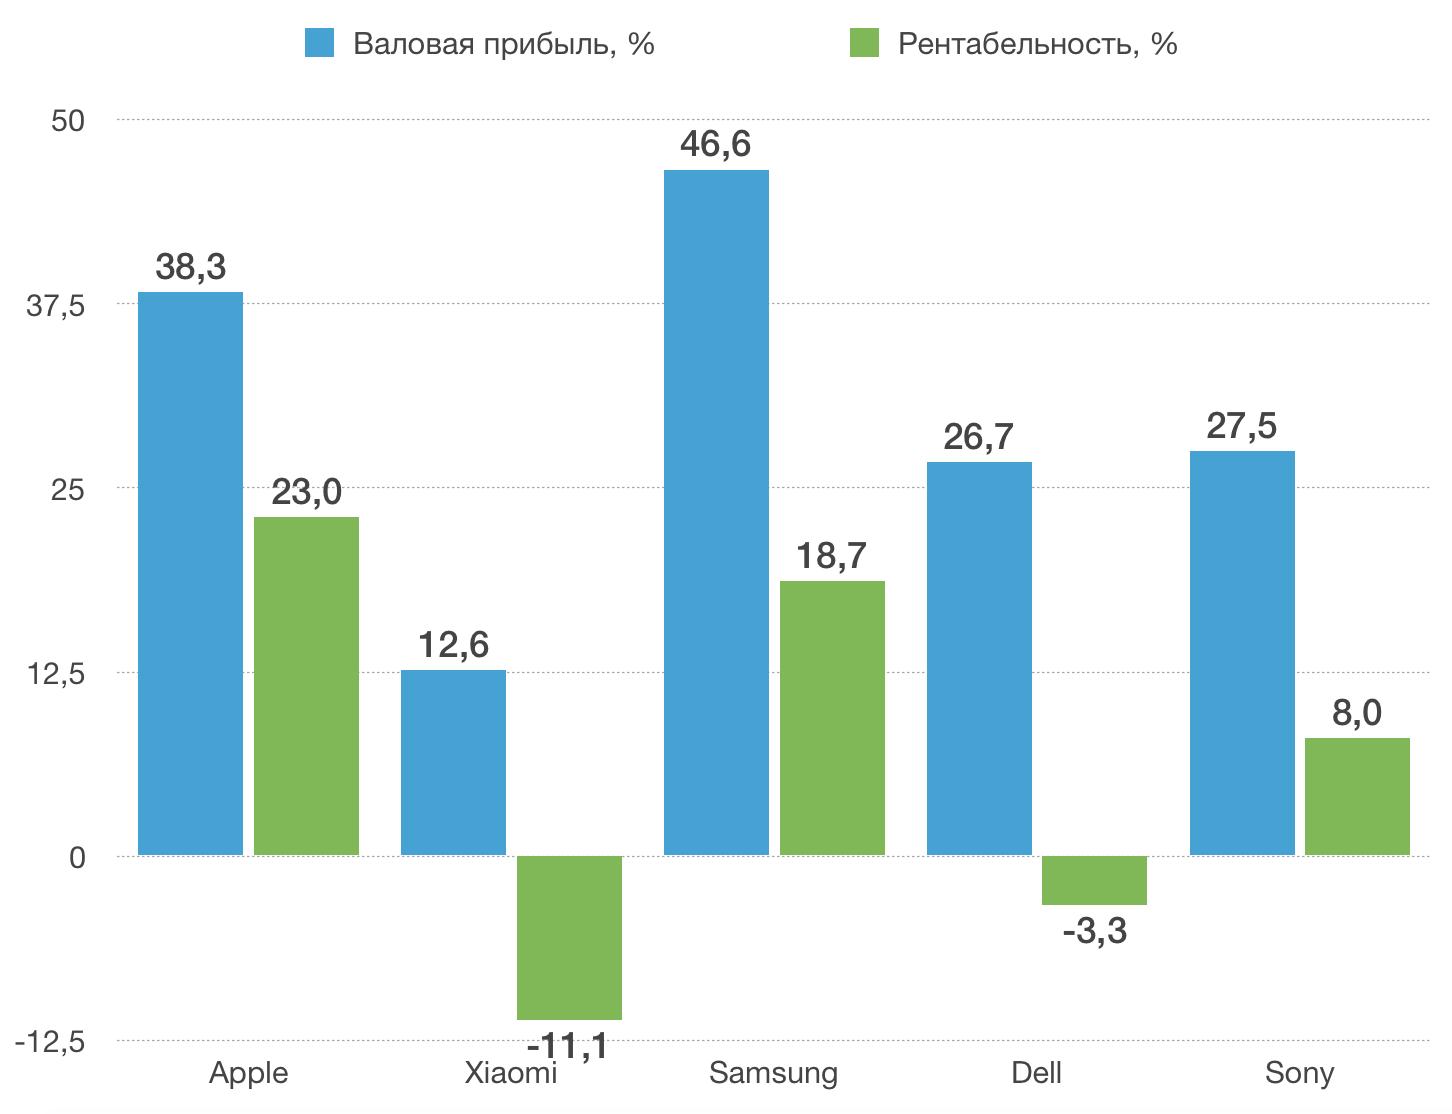 Сводные результаты анализа валовой прибыли